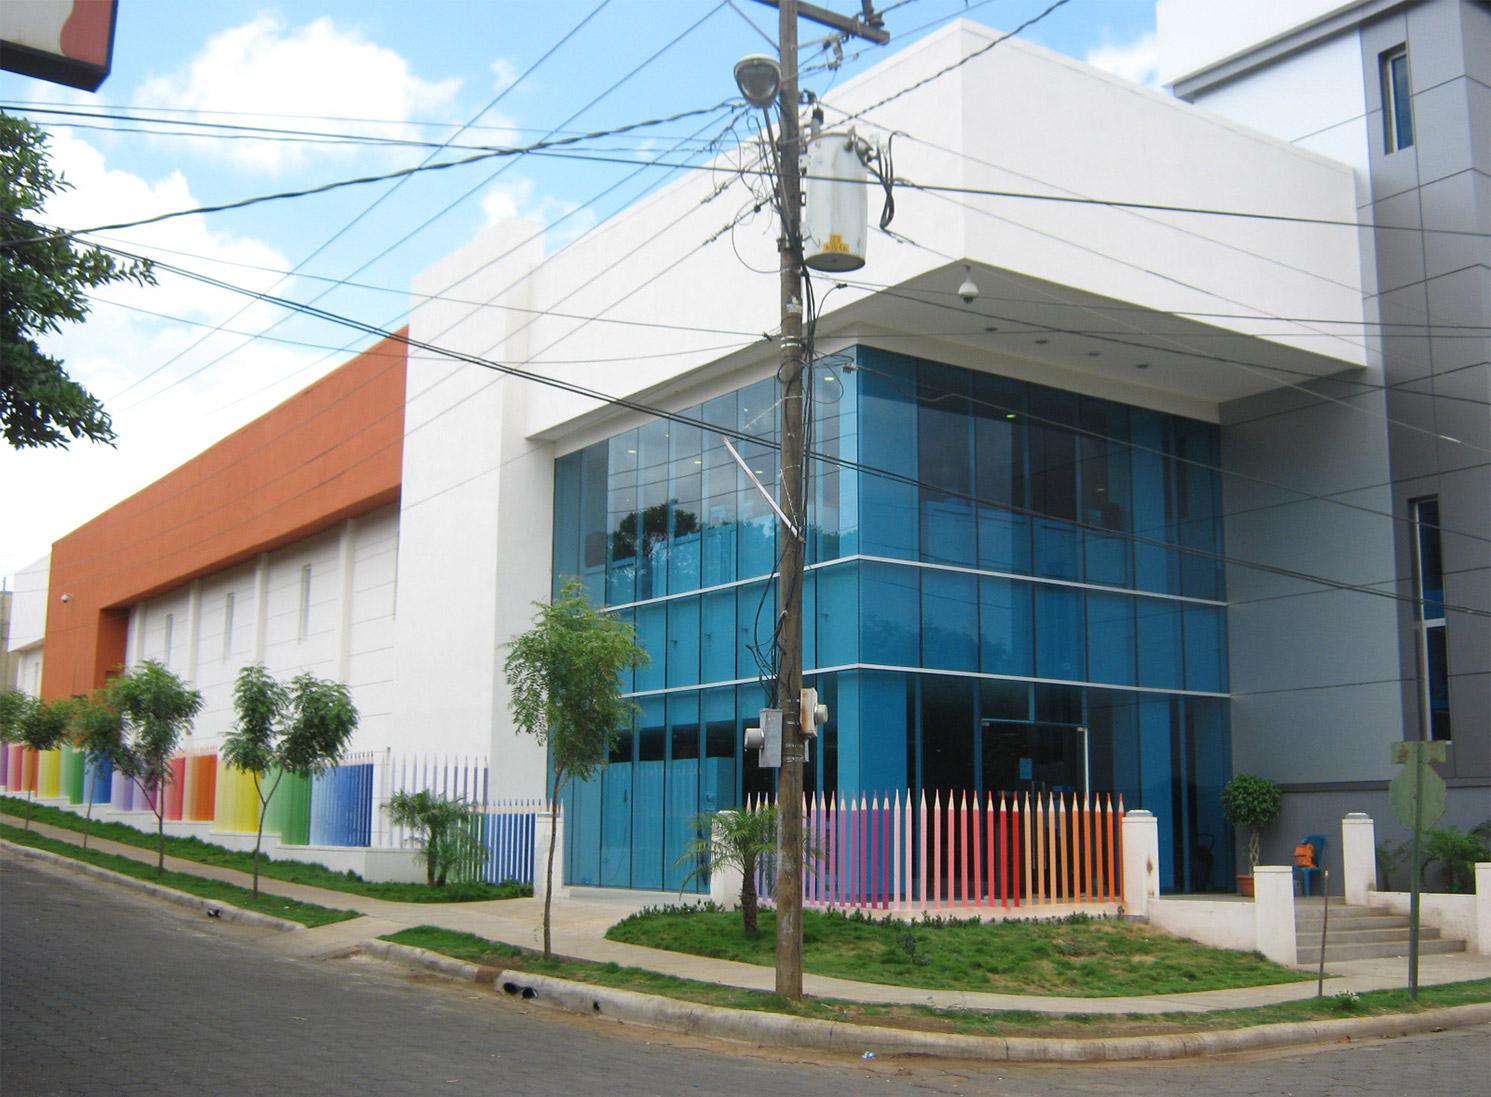 Edificio-pablo-antonio-cuadra-hispamer-emmedue-m2-3